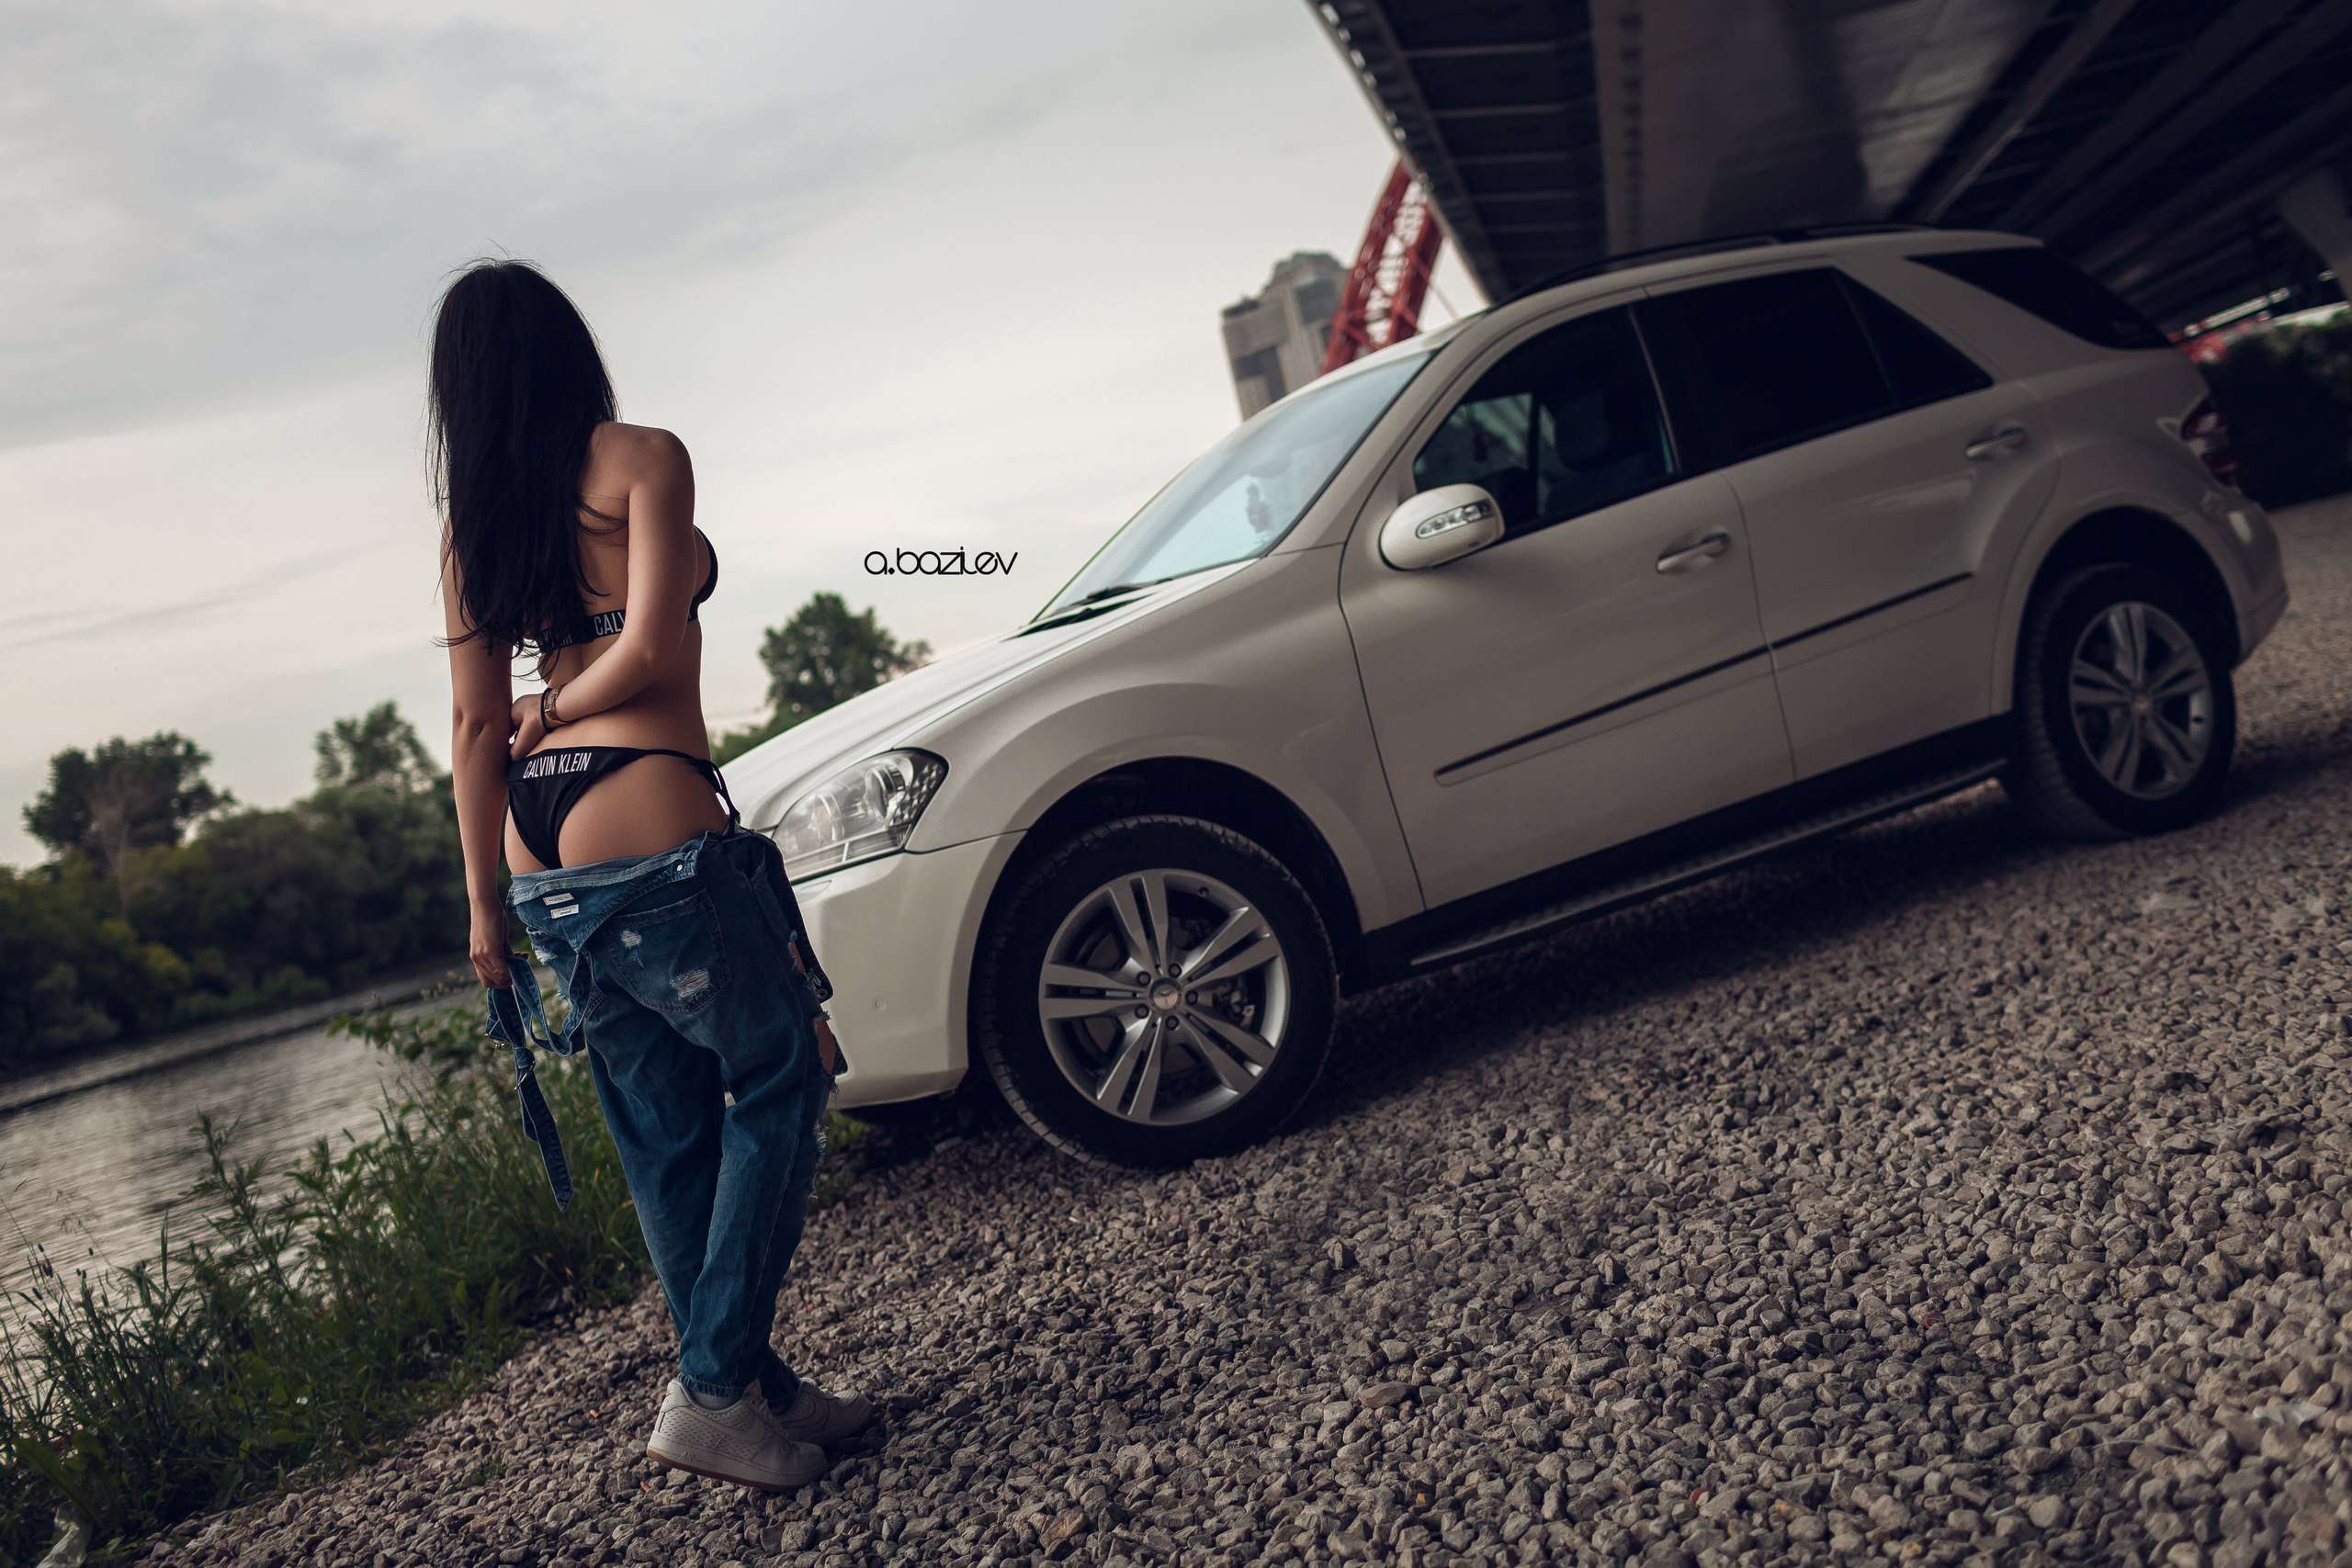 acGraJuftFg - Сексуальные девушки и автомобили (часть 10)